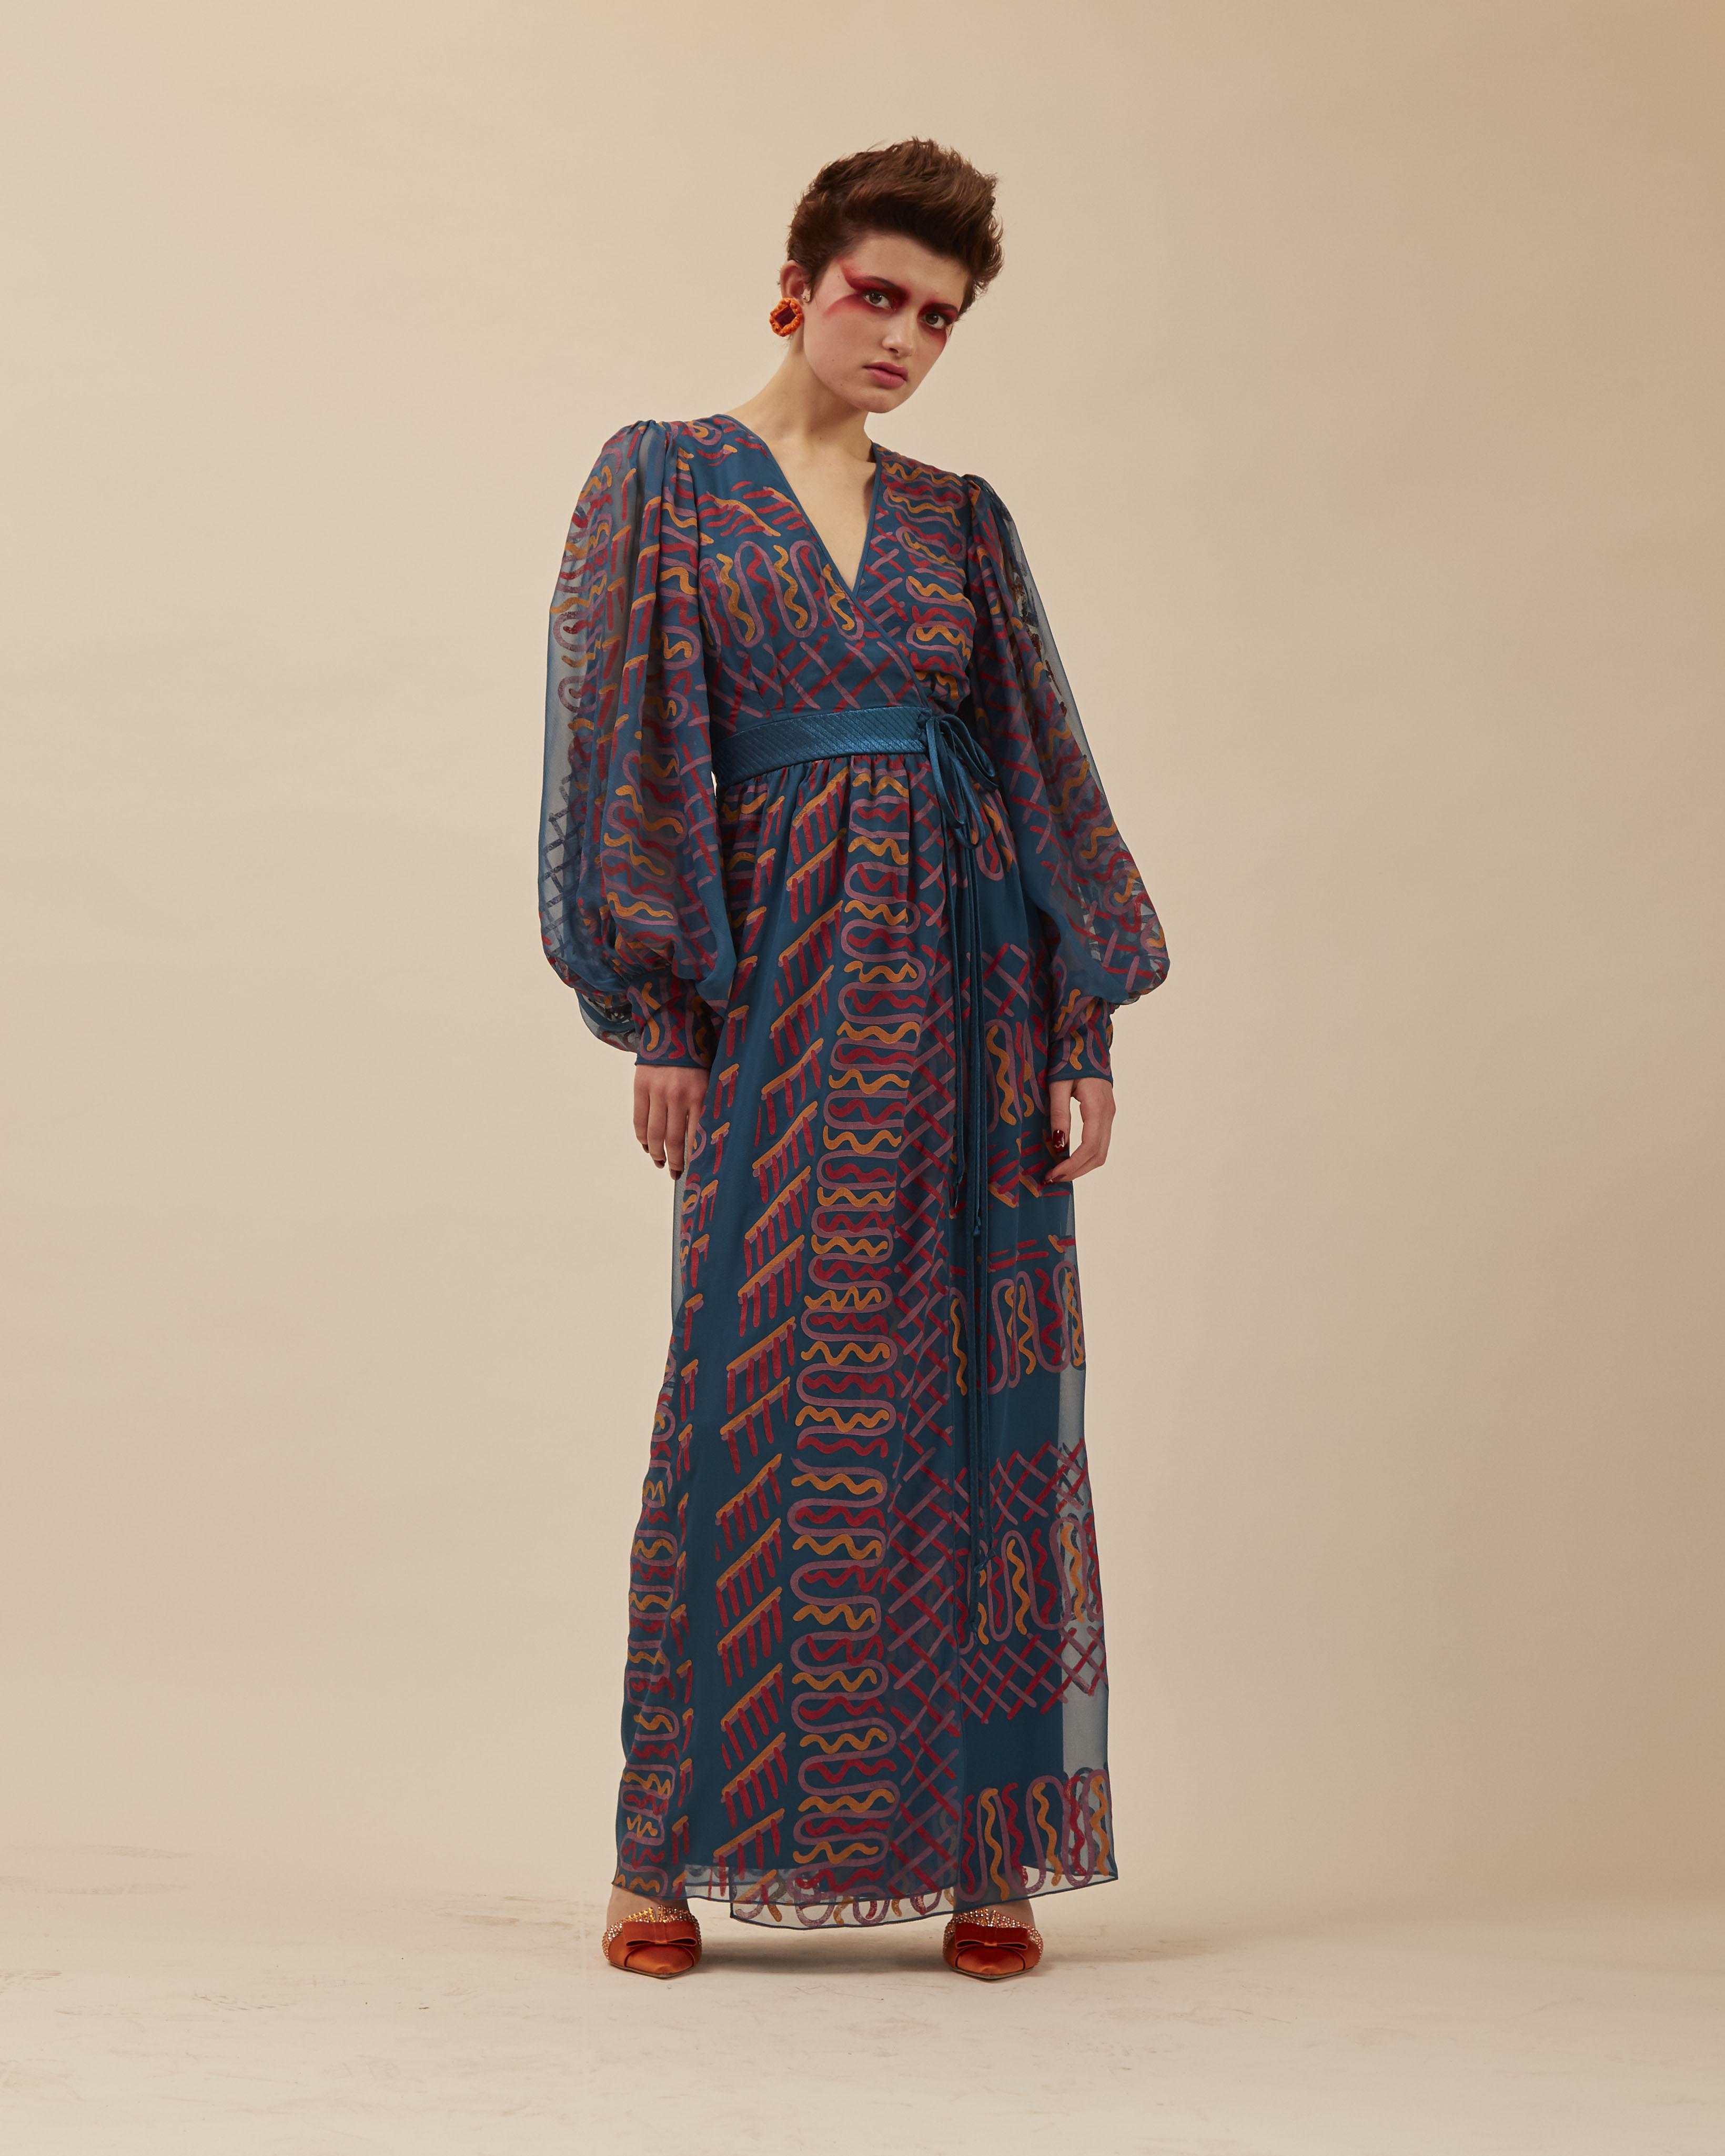 Zandra Rhodes long-sleeved maxi dress, Fall 2019